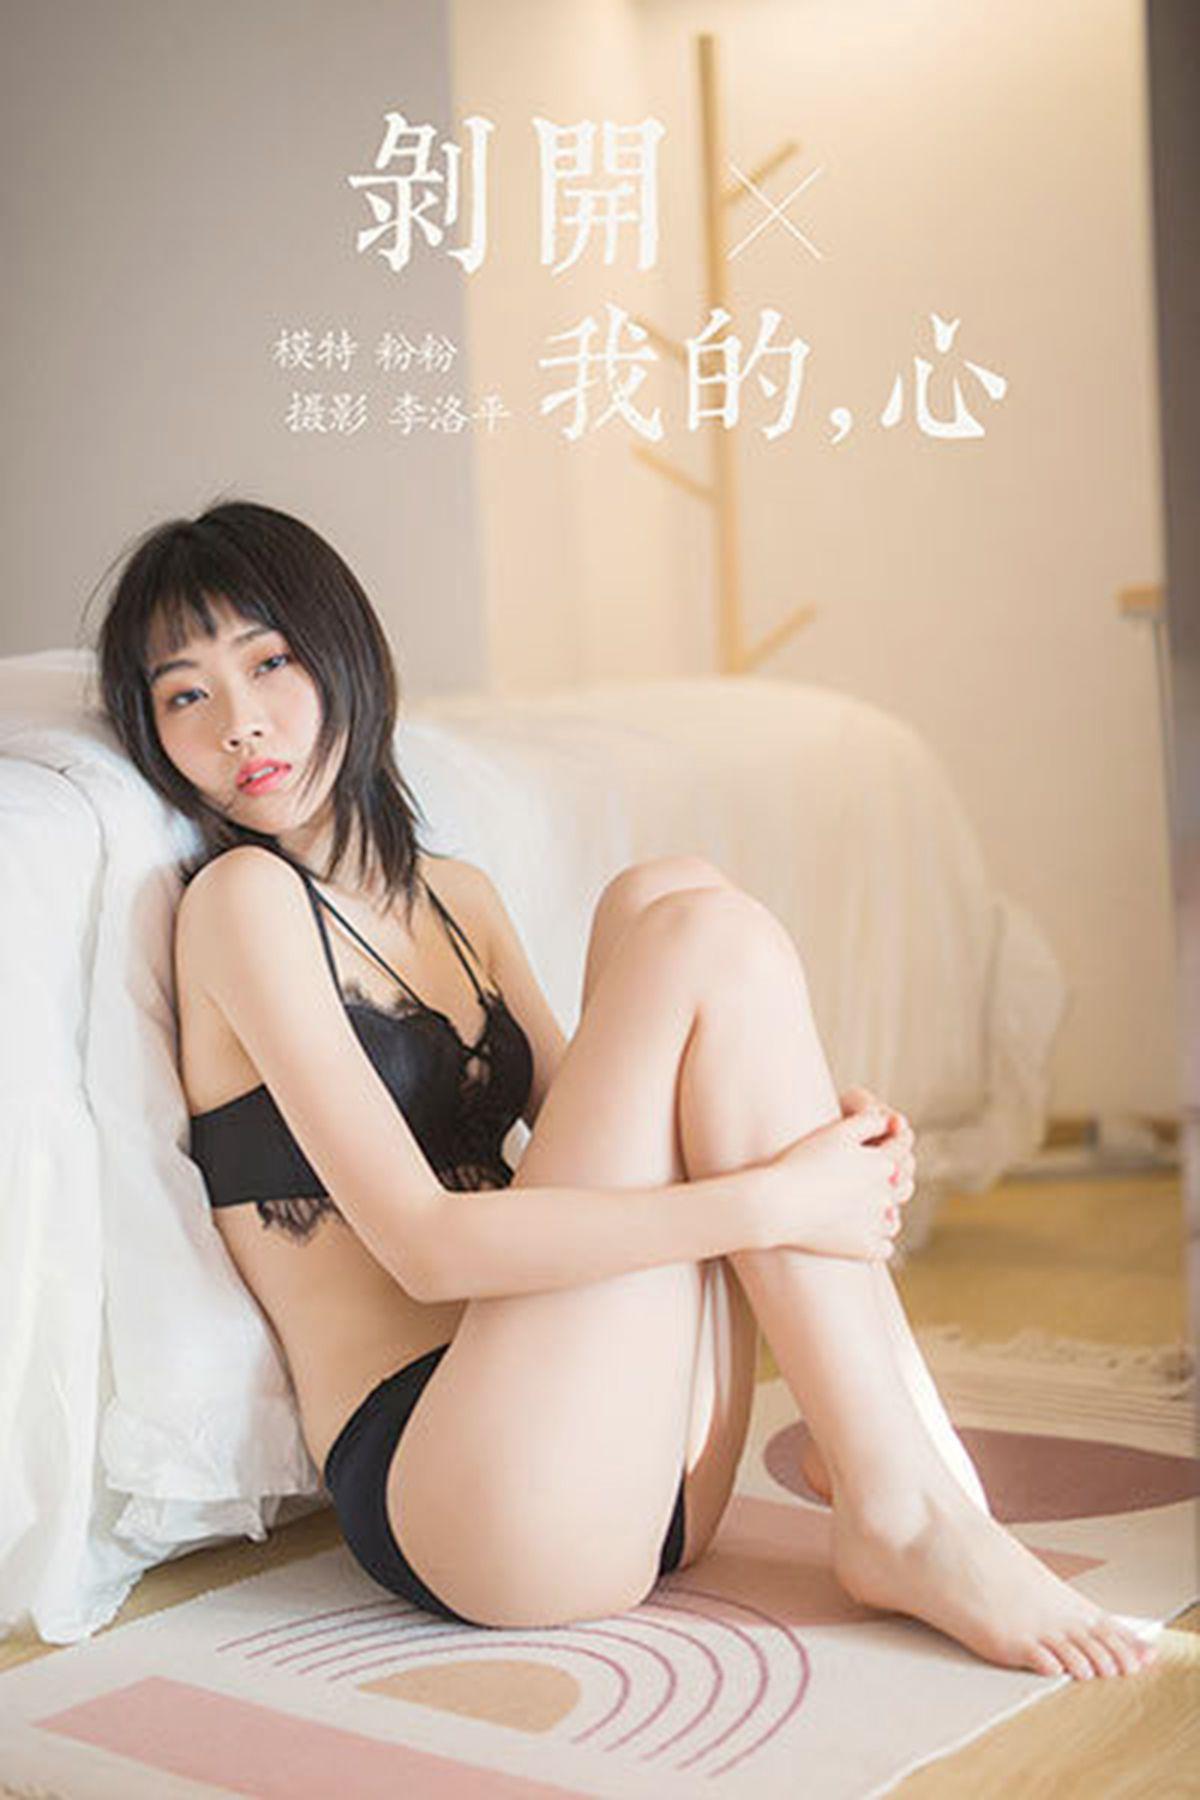 YaLaYi雅拉伊 Vol.575 Fen Fen